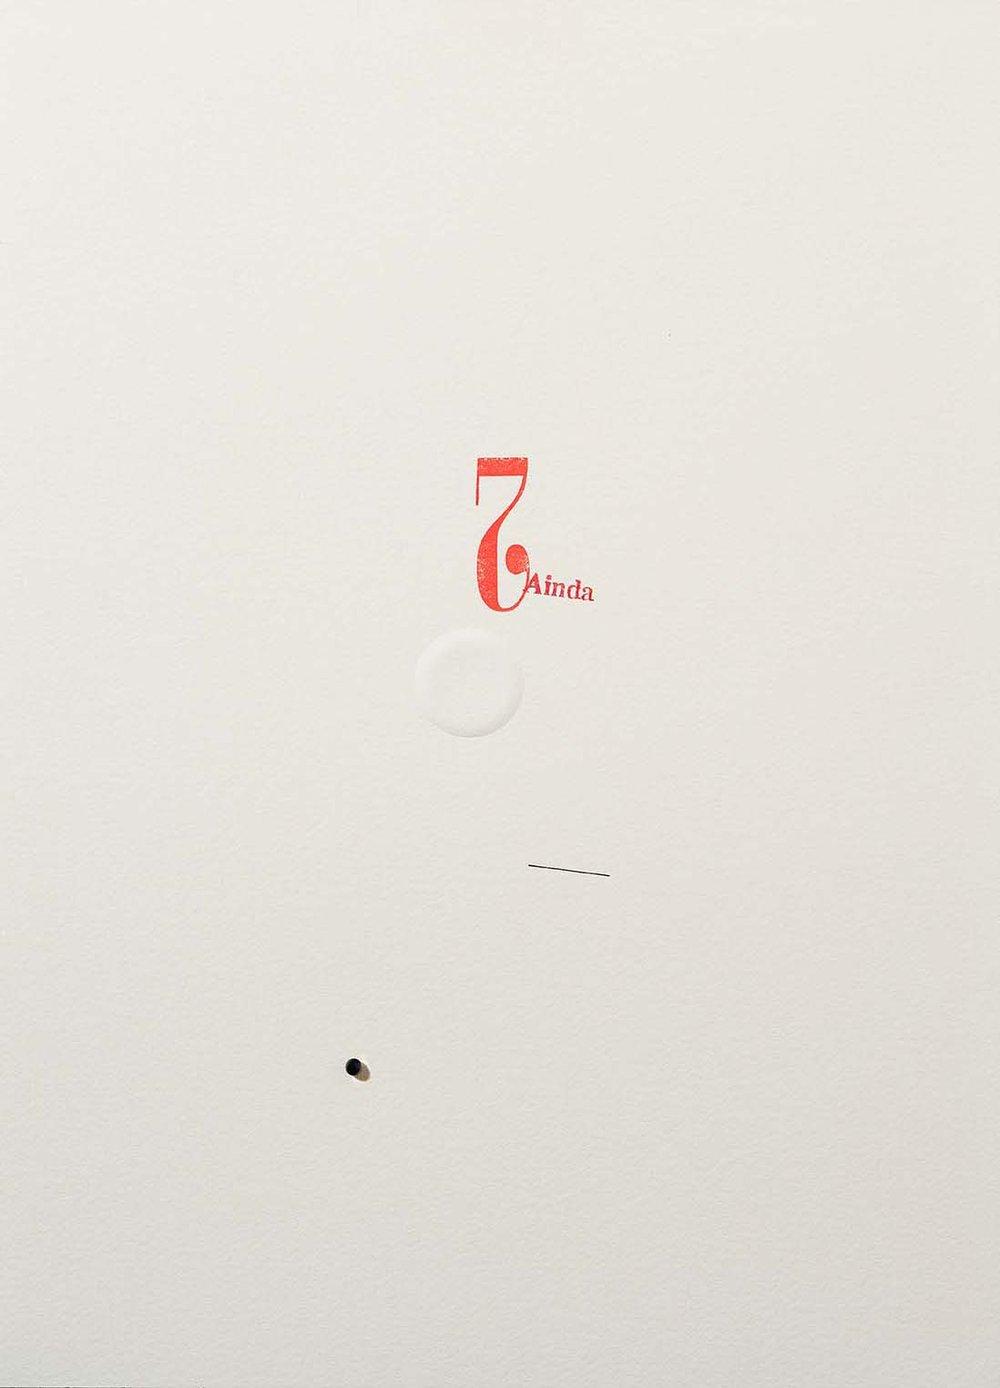 Sem título | 2014 | desenho | nanquim, carimbo, relevo e resina sobre papel | 36 x 25,5 x 0,6 cm (sem moldura) | 50,5 x 40,5 x 5,5 cm (com moldura)